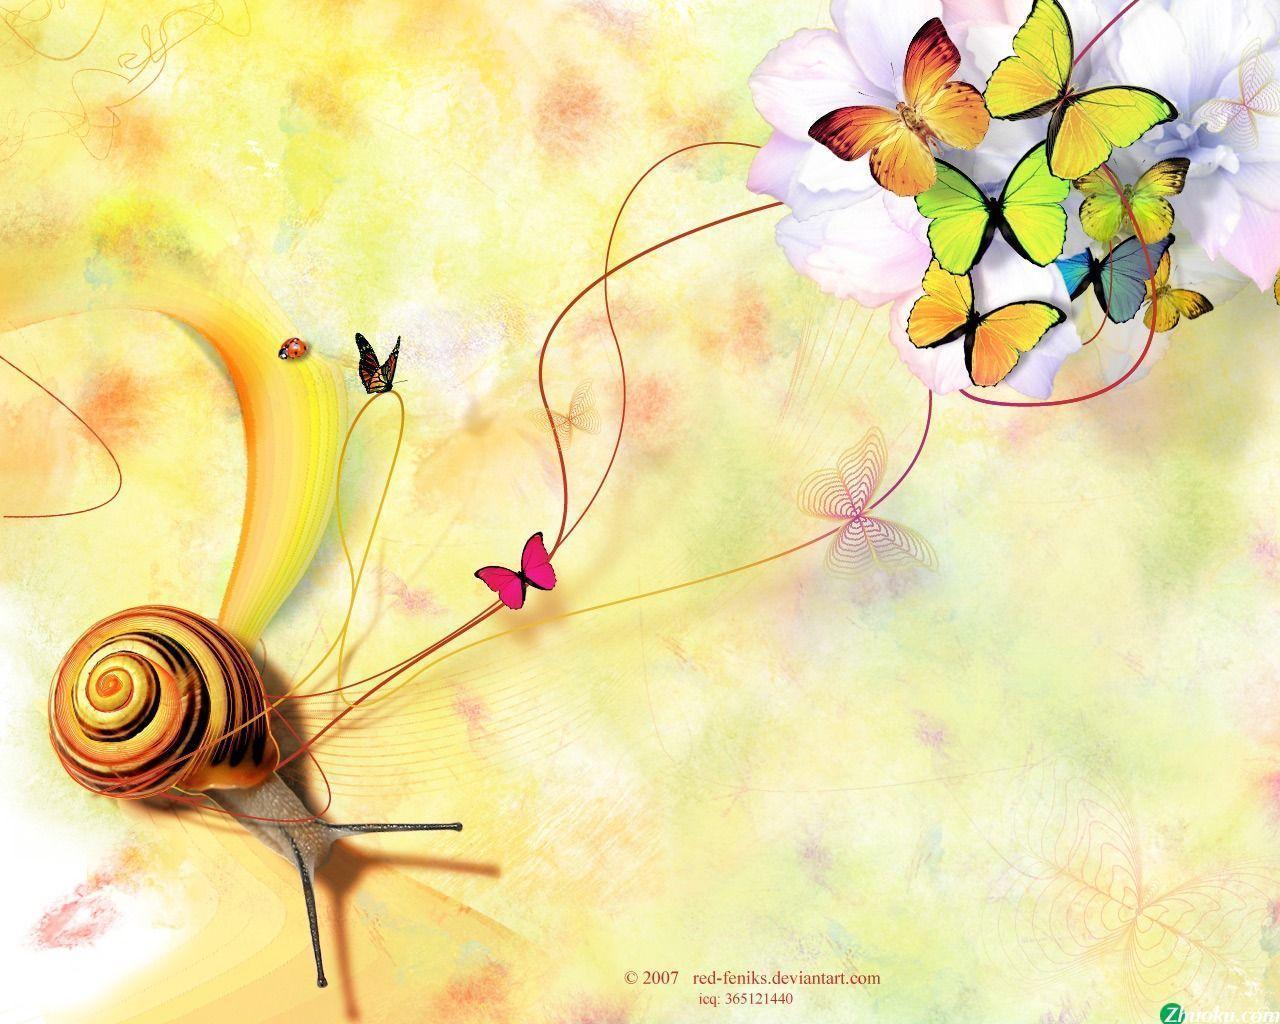 Snail & Butterflies Wallpaper Wallpapers - HD Wallpapers 35568